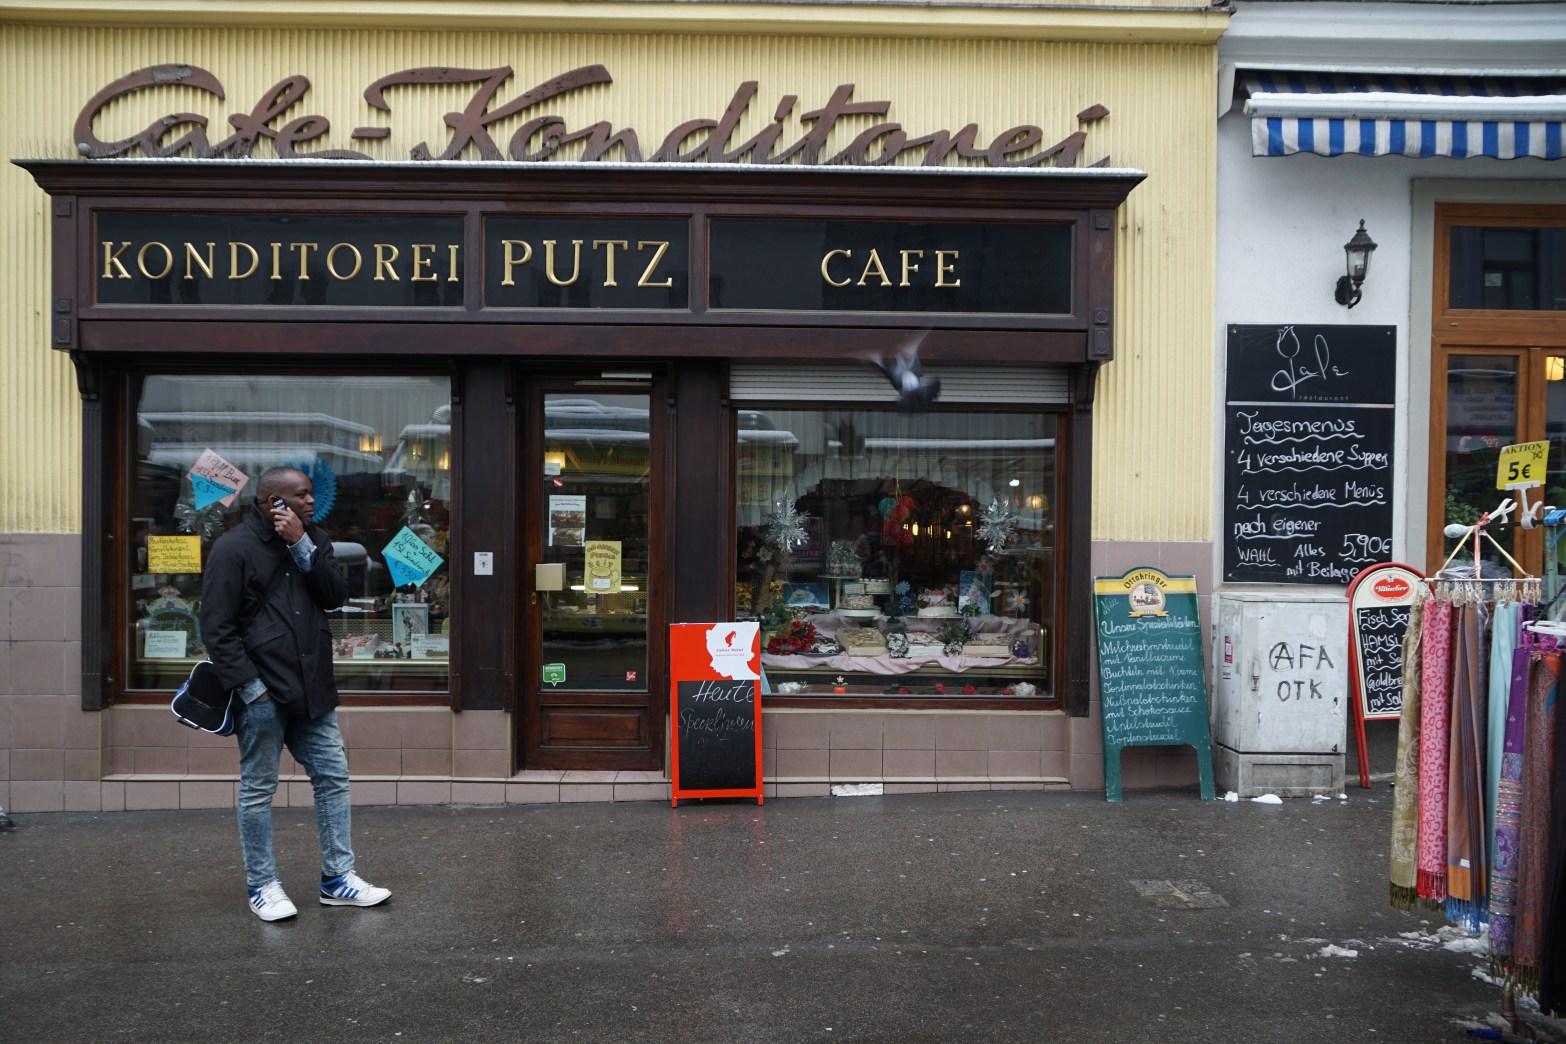 Café Konditorei Putz